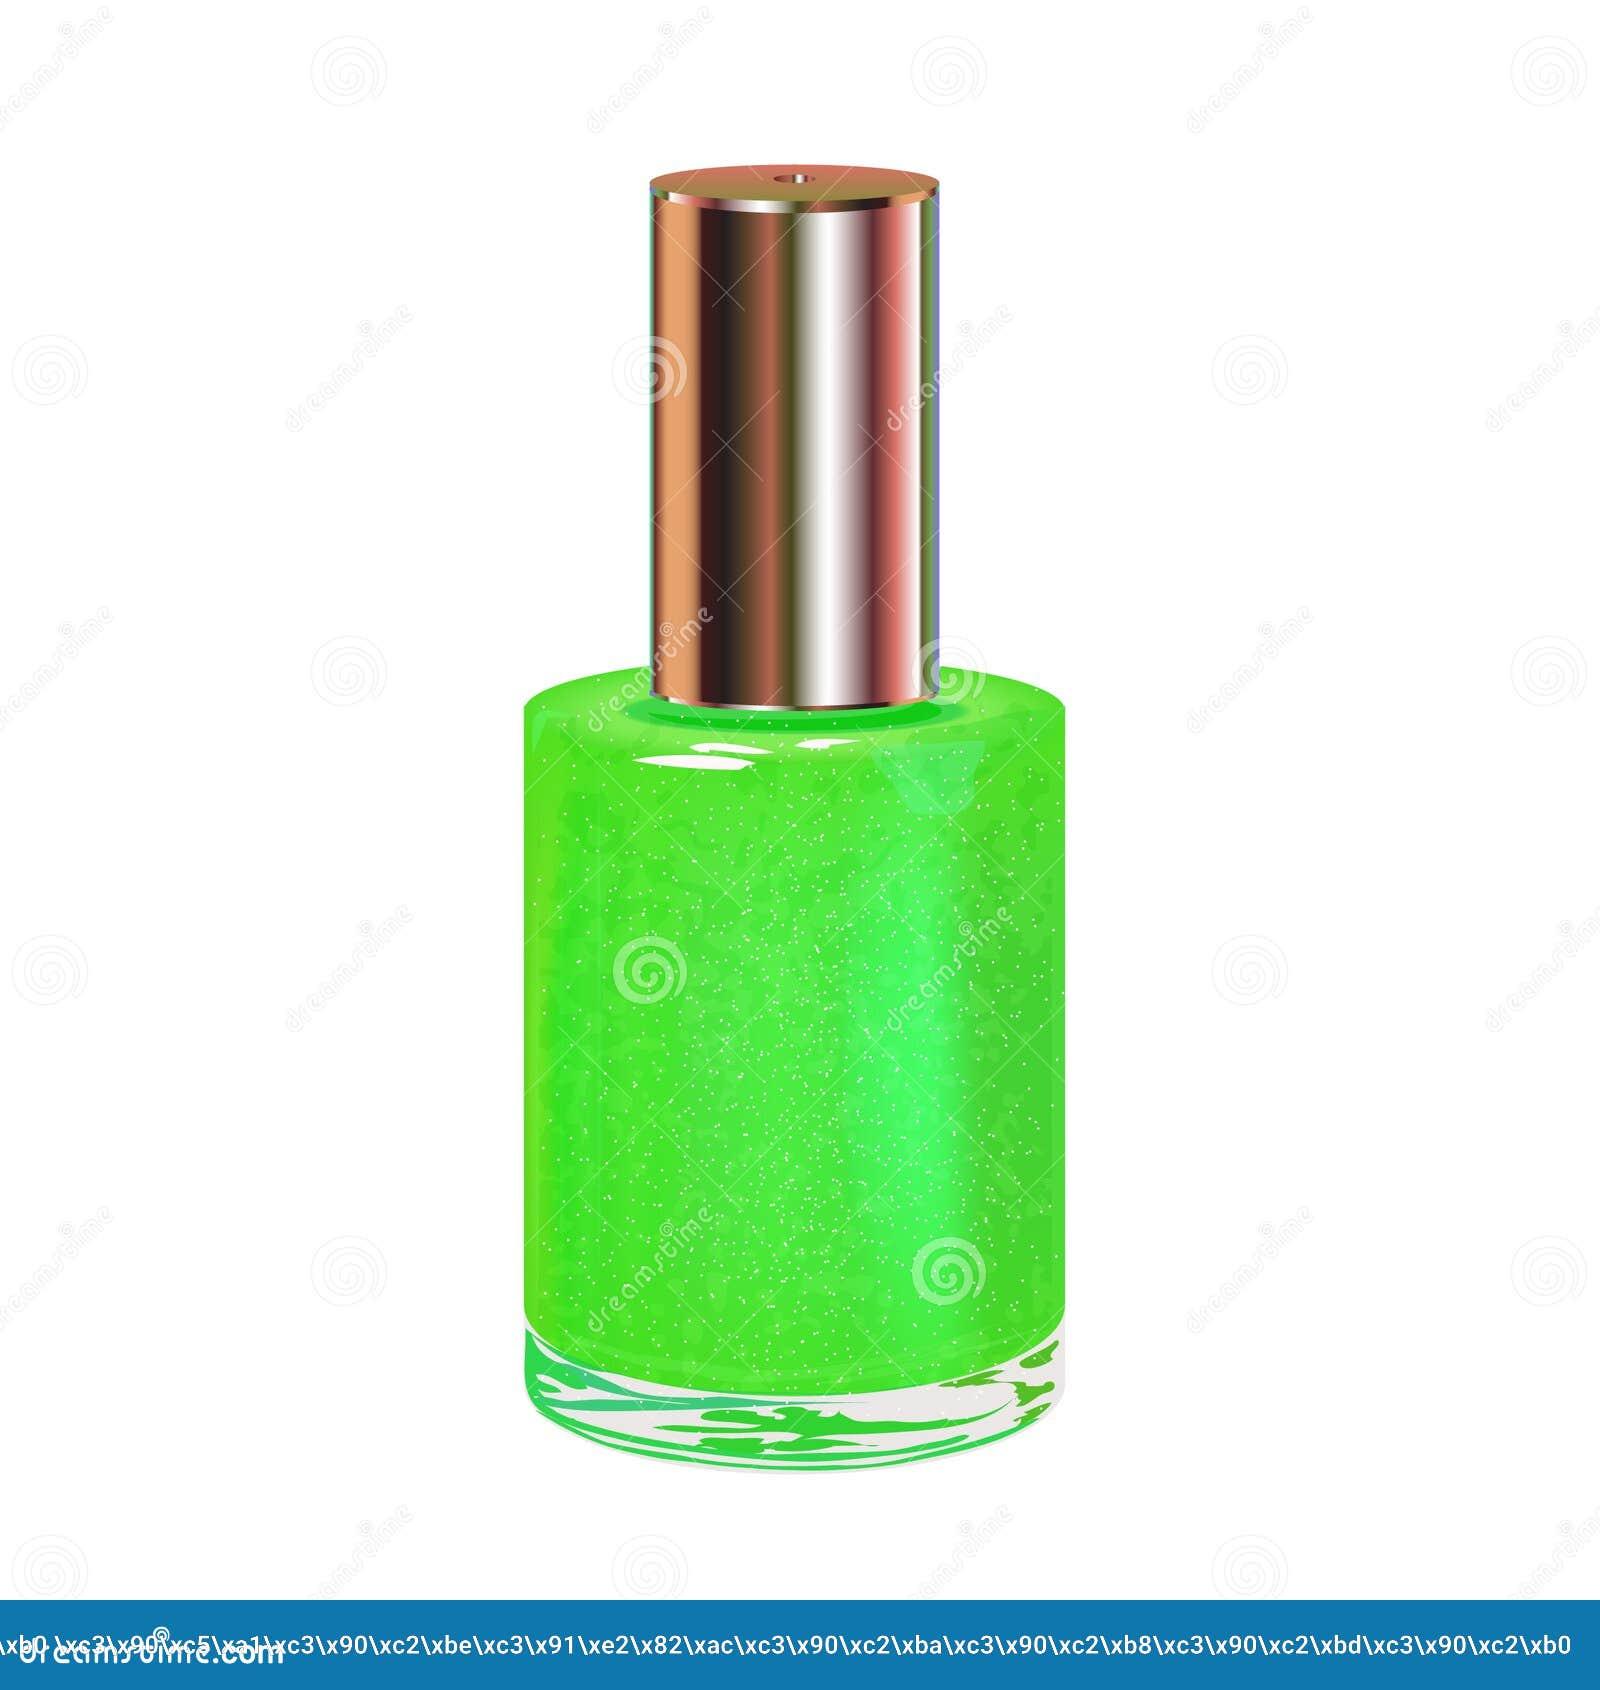 Hermosa Uñas Verdes Diseños Adorno - Ideas Para Pintar Uñas - knxc.info